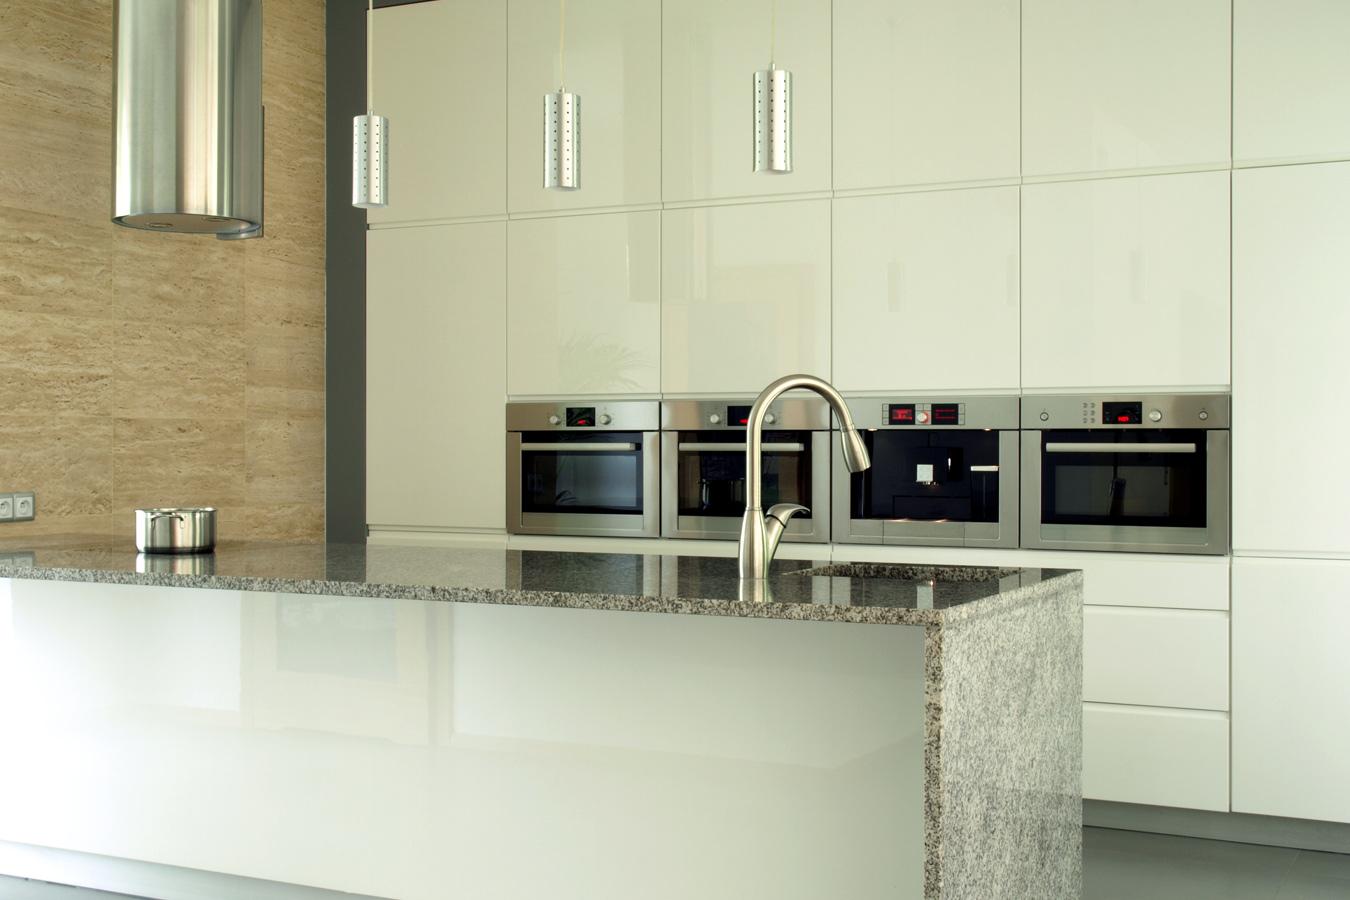 Moderne Keuken Greeploos : Moderne keuken met graniet werkblad ...